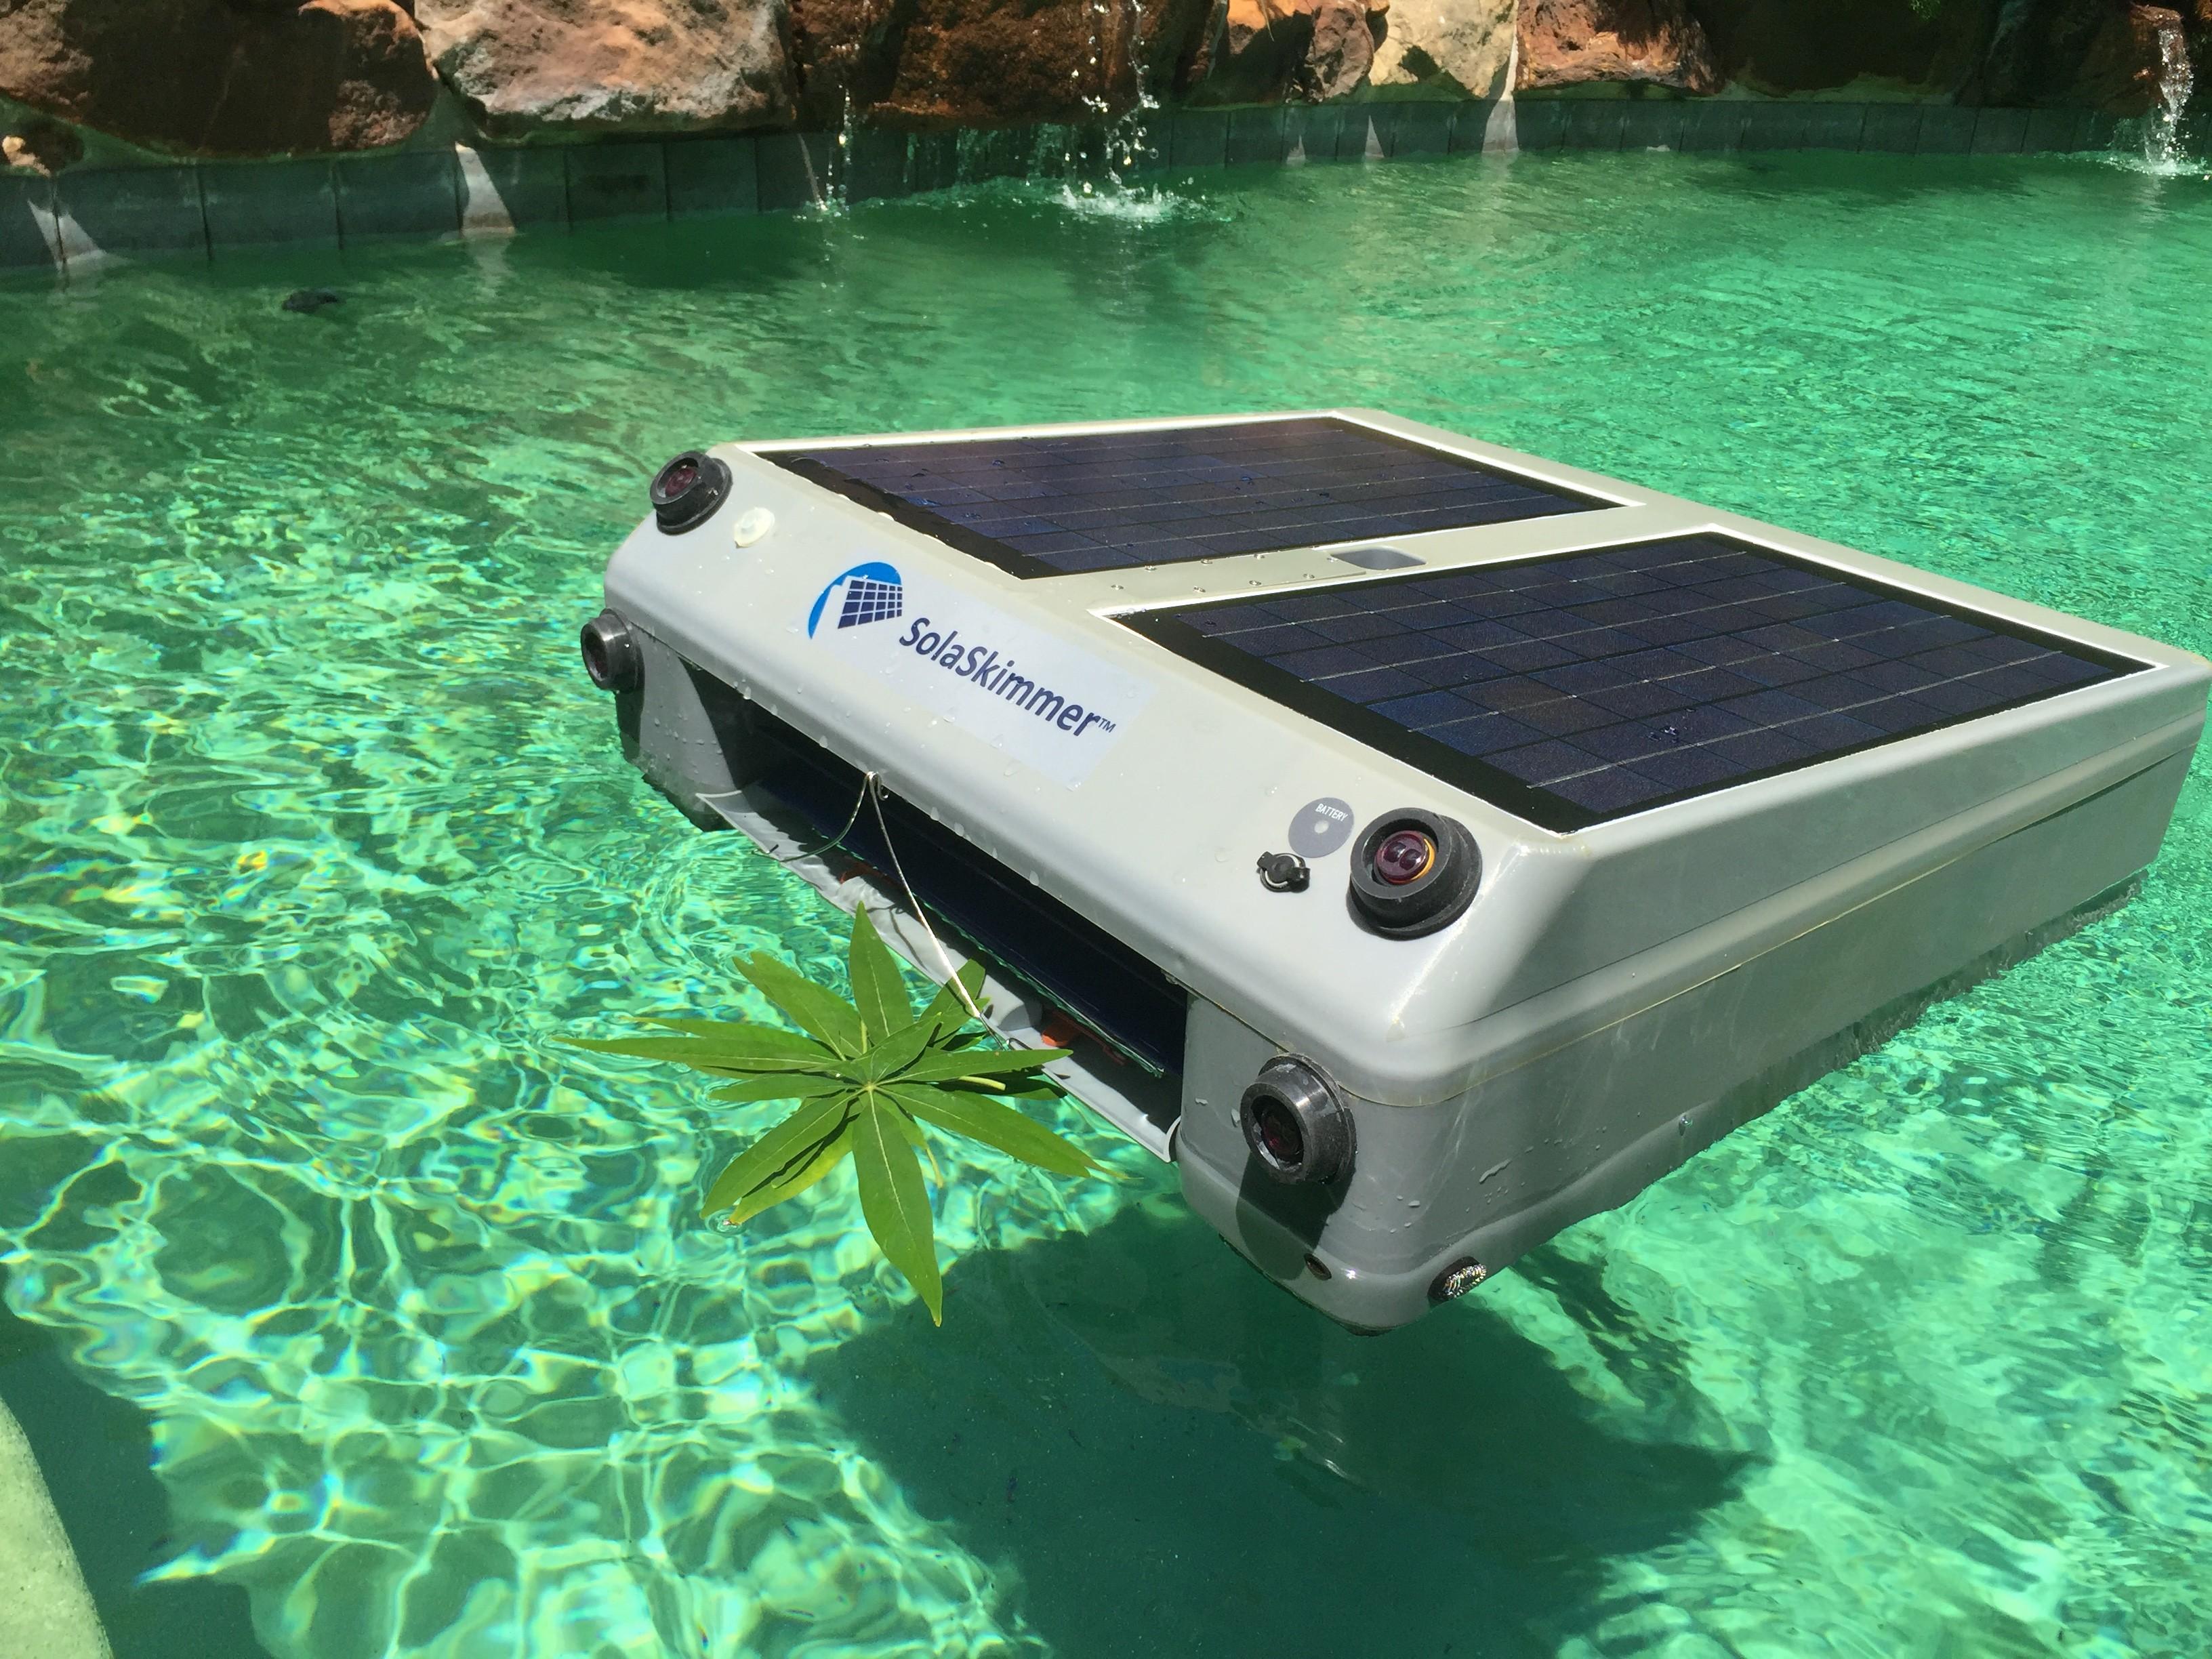 Solaskimmer Solar Powered Swimming Pool Skimmer